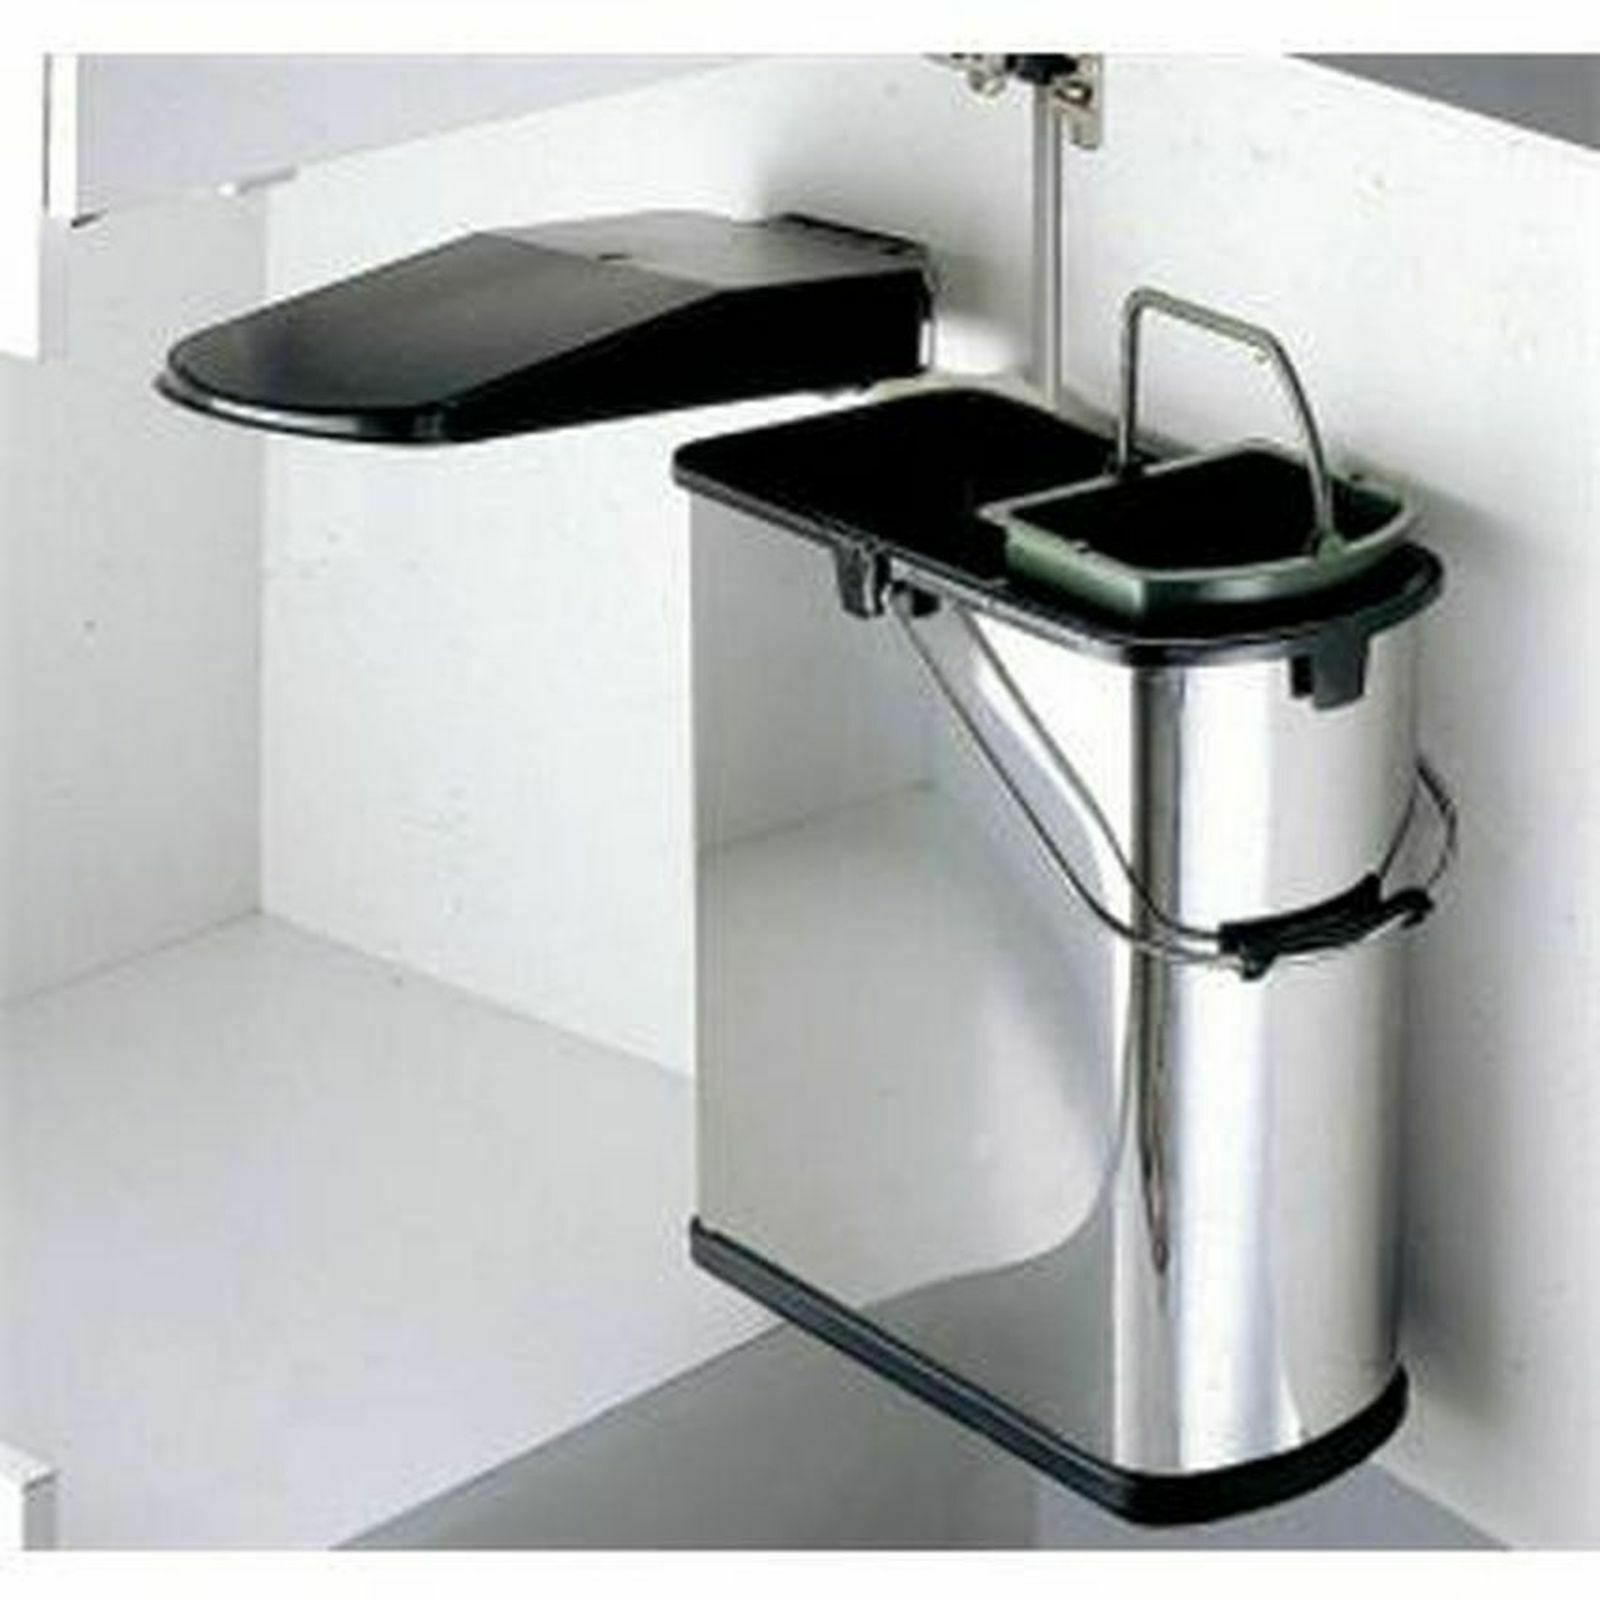 Full Size of Abfalleimer Küche System Einbau Abfalleimer Küche Wesco Abfalleimer Küche Türmontage Abfalleimer Küche Sensor Küche Abfalleimer Küche